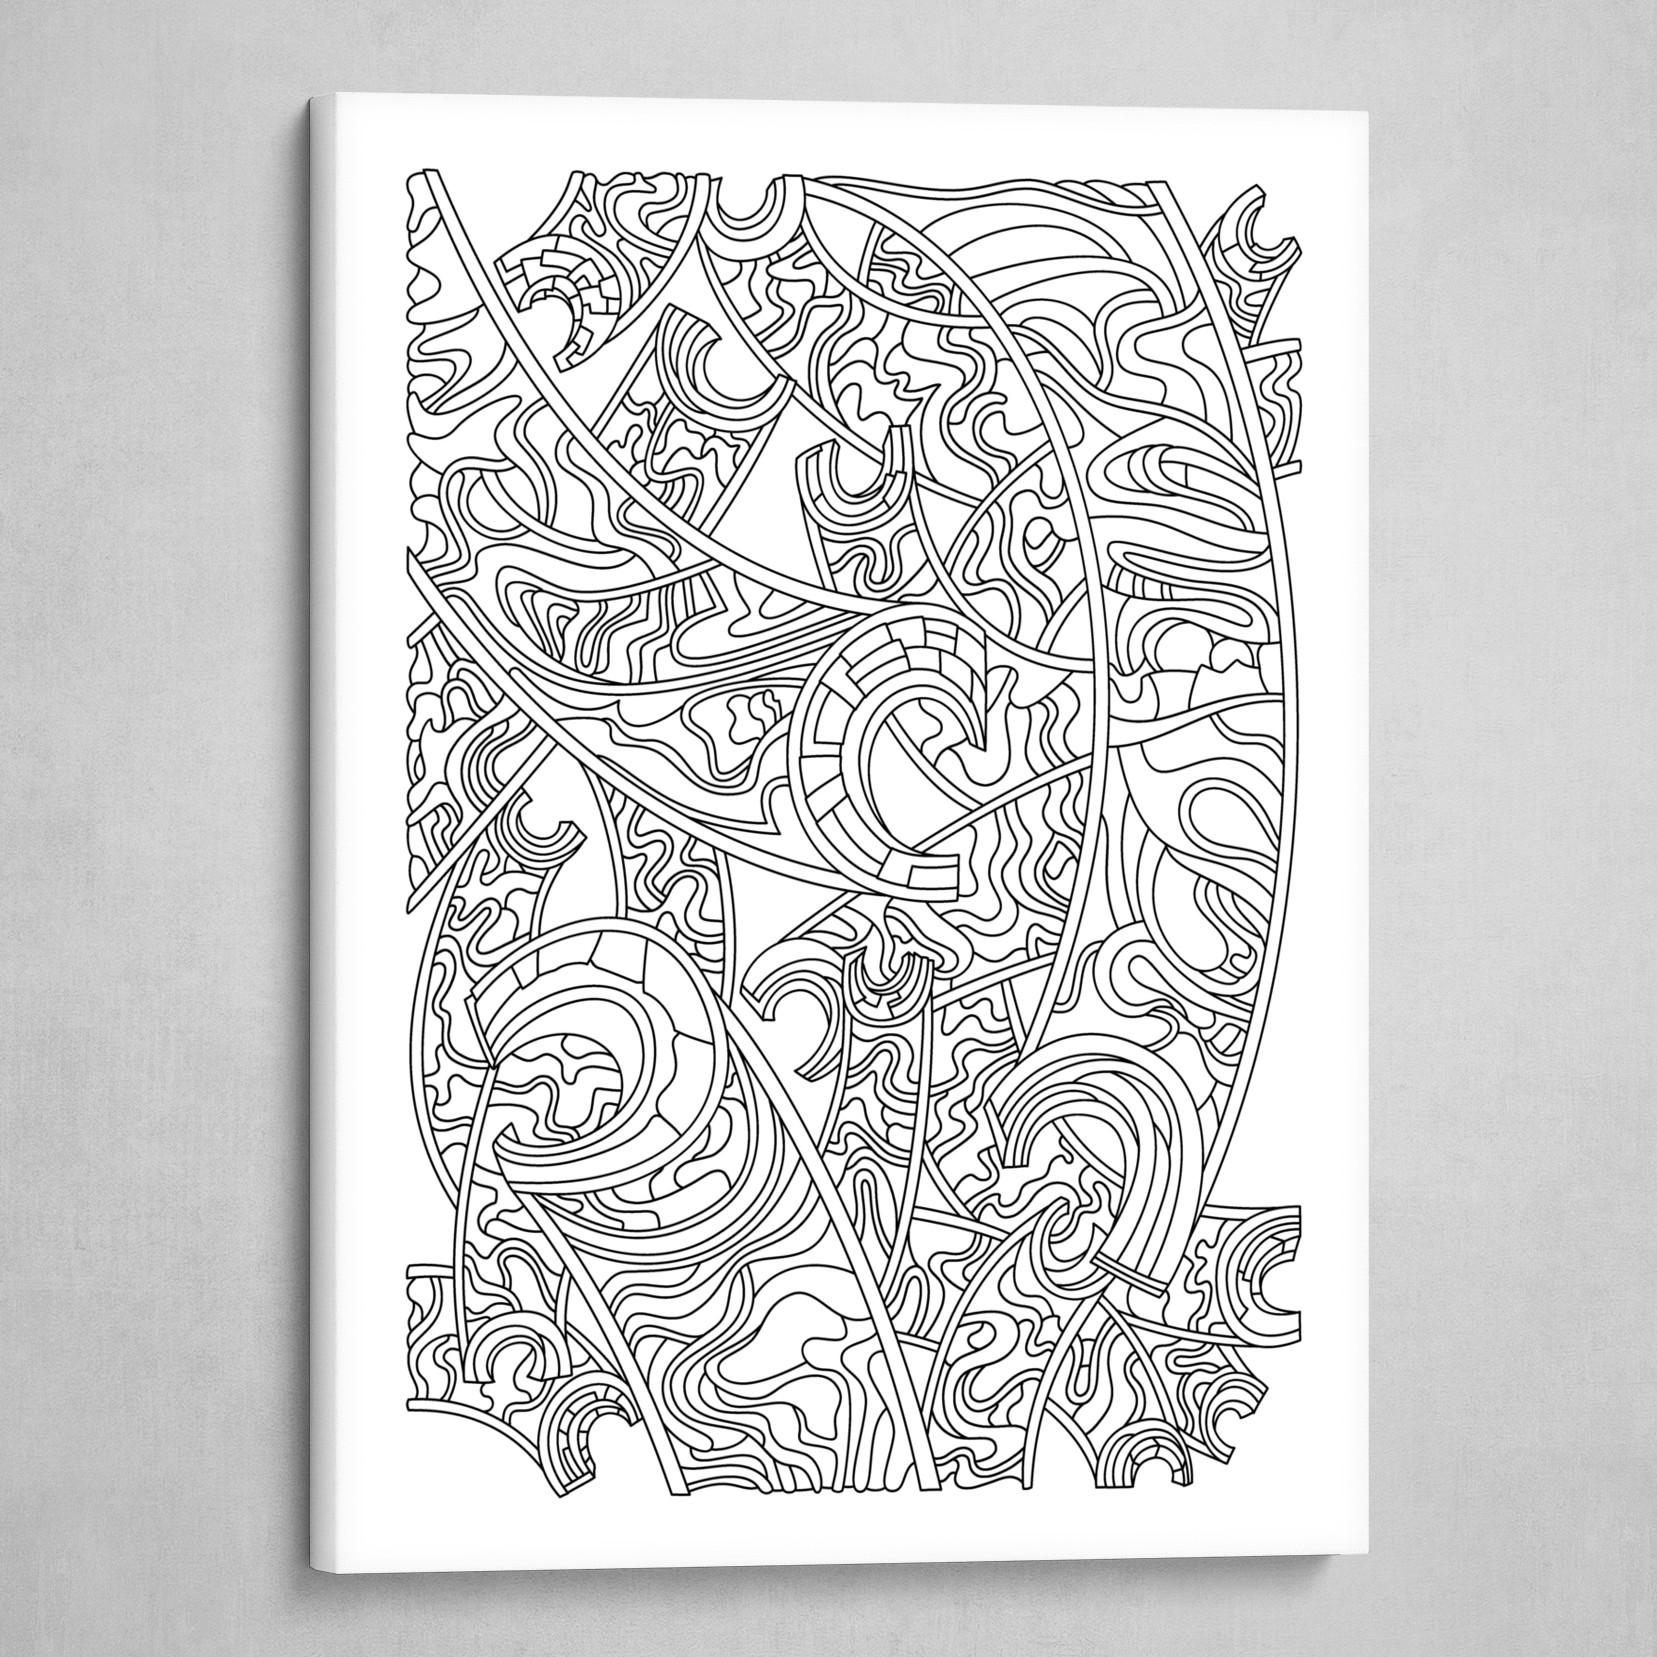 Wandering 32: black & white line art